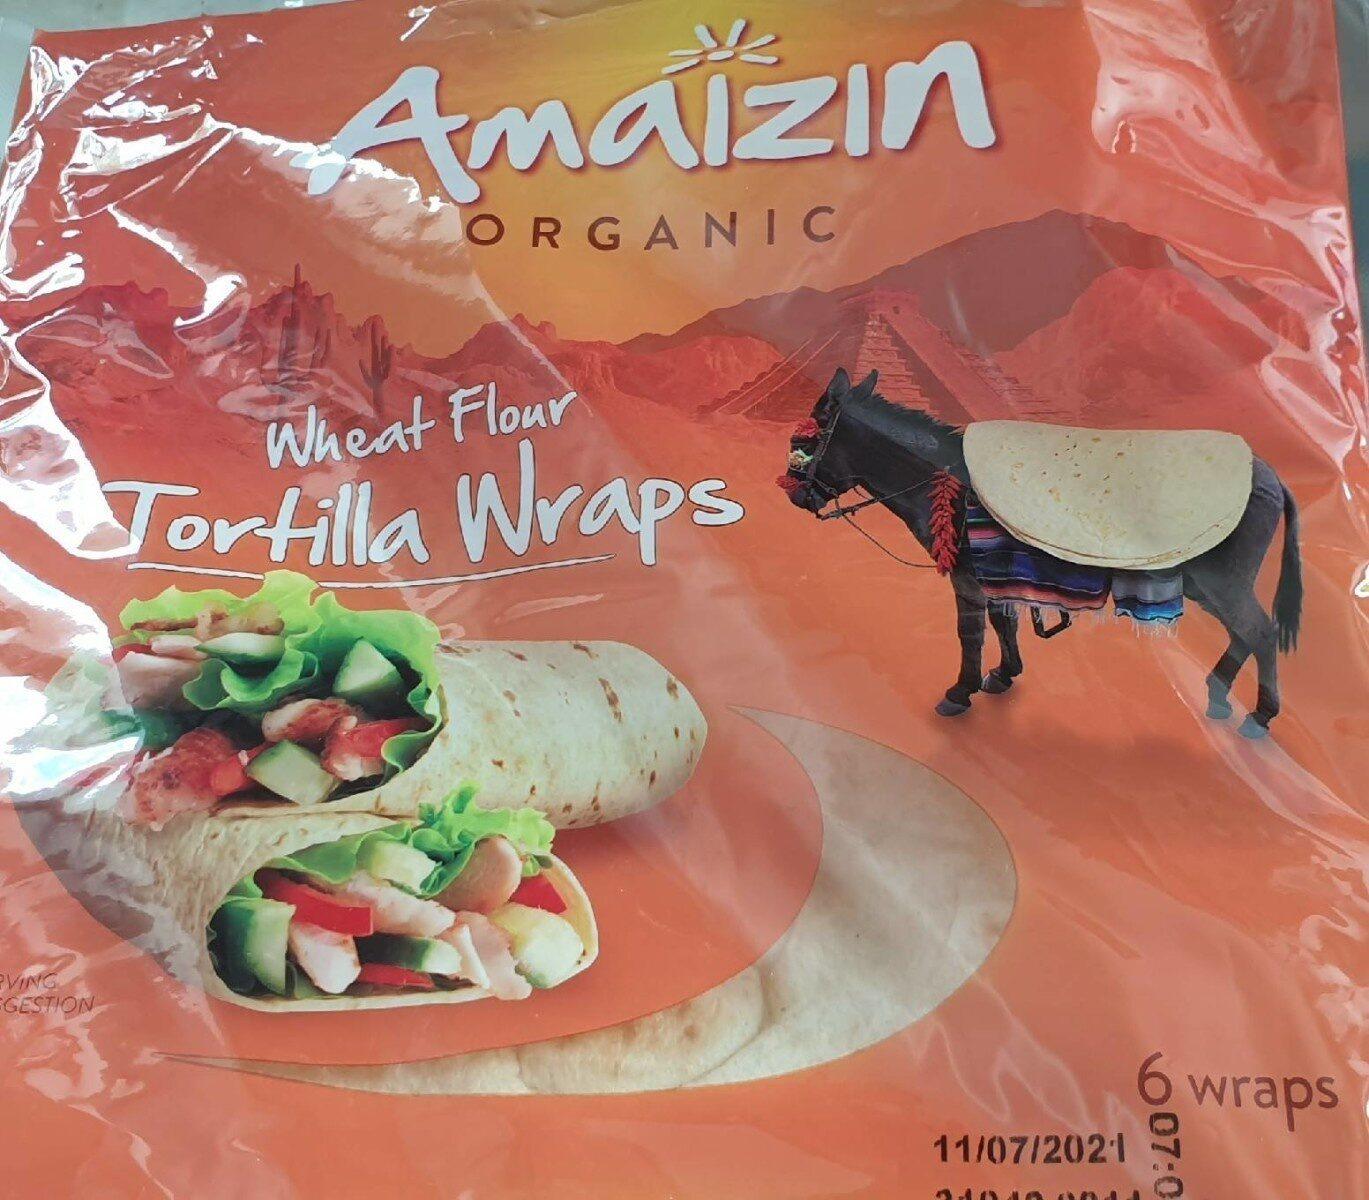 Wheat Flour Tortilla Wraps - Prodotto - fr